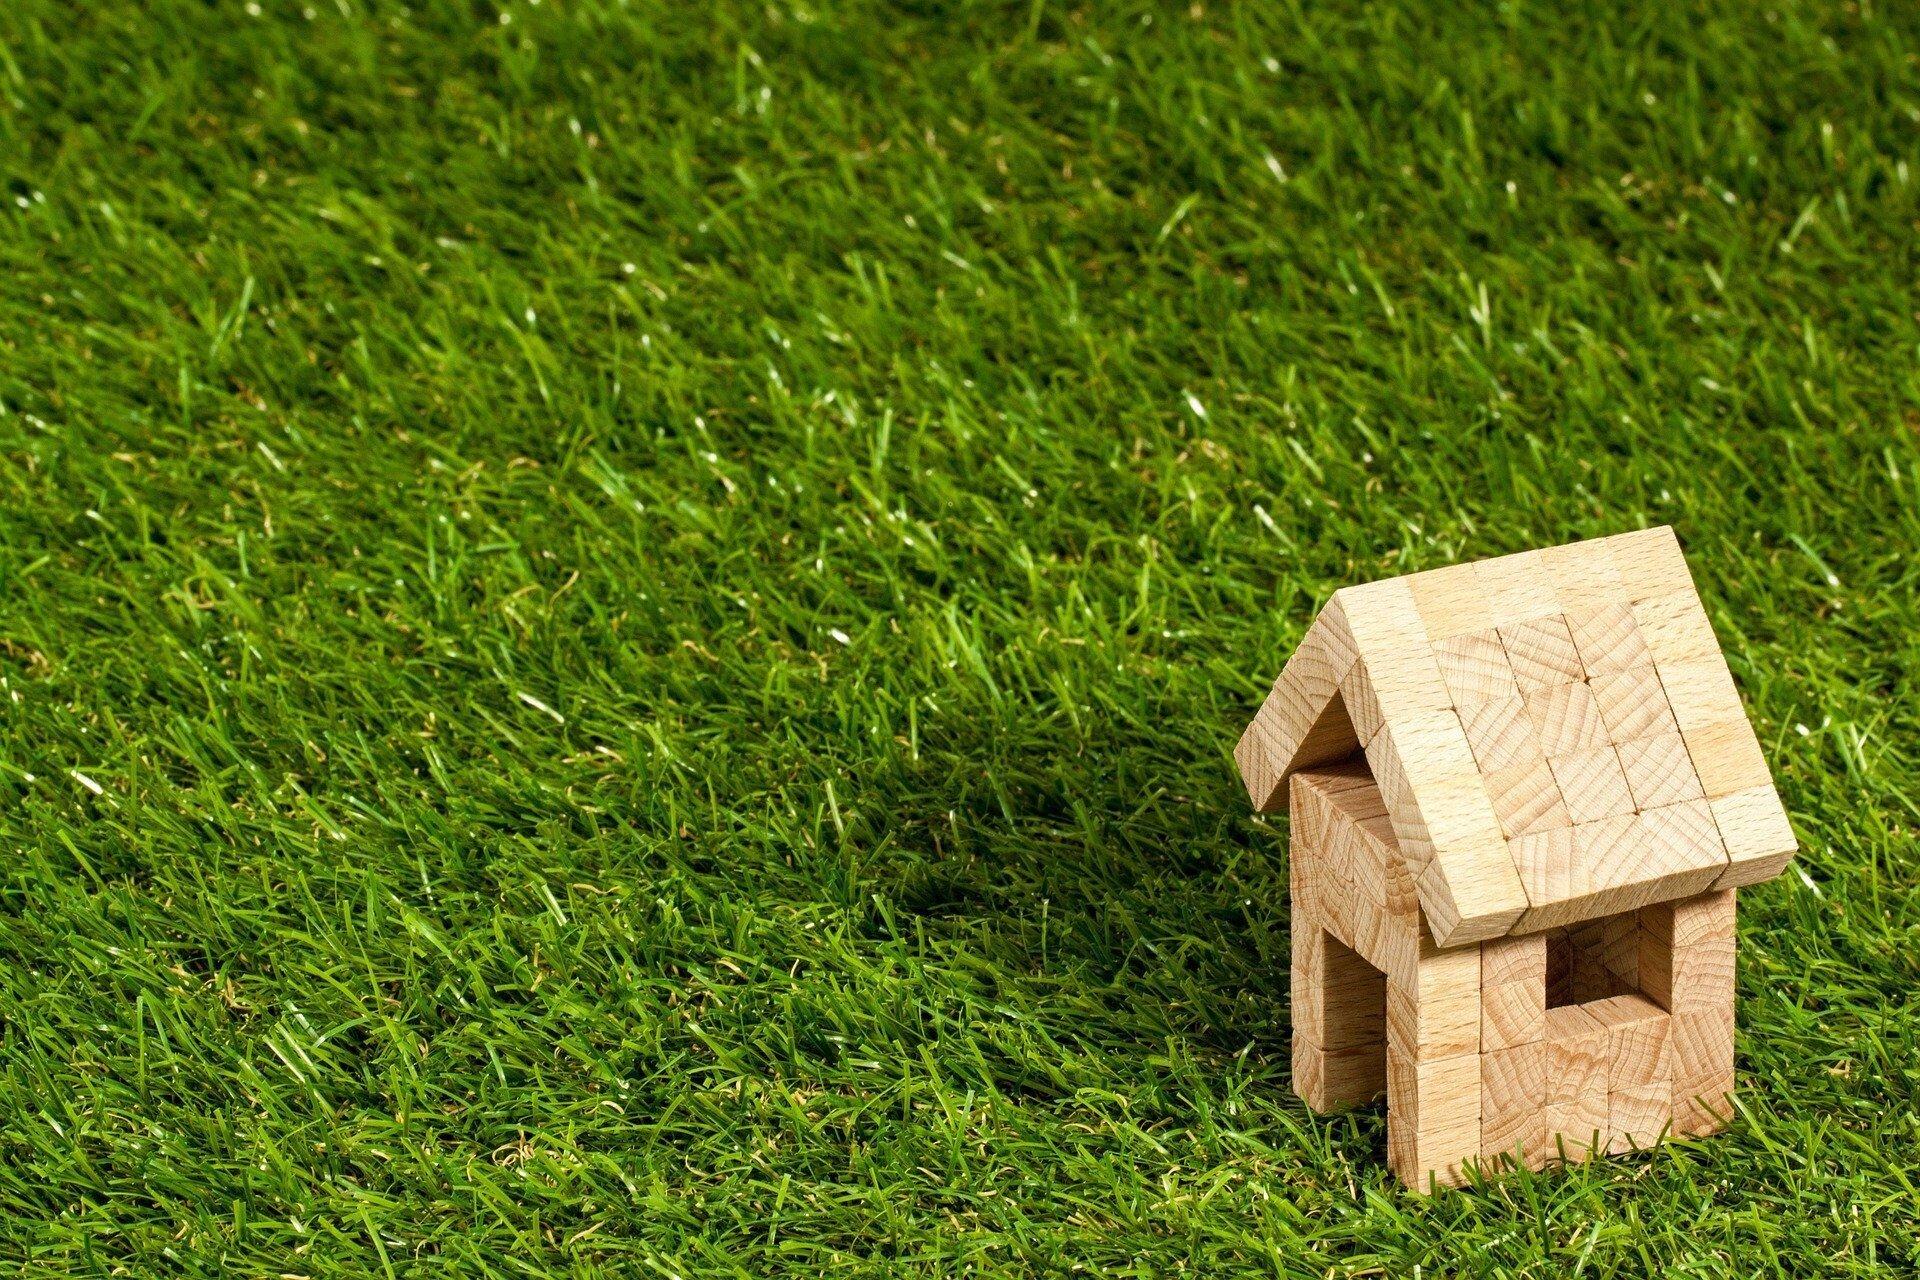 Spielzeughaus aus Holz